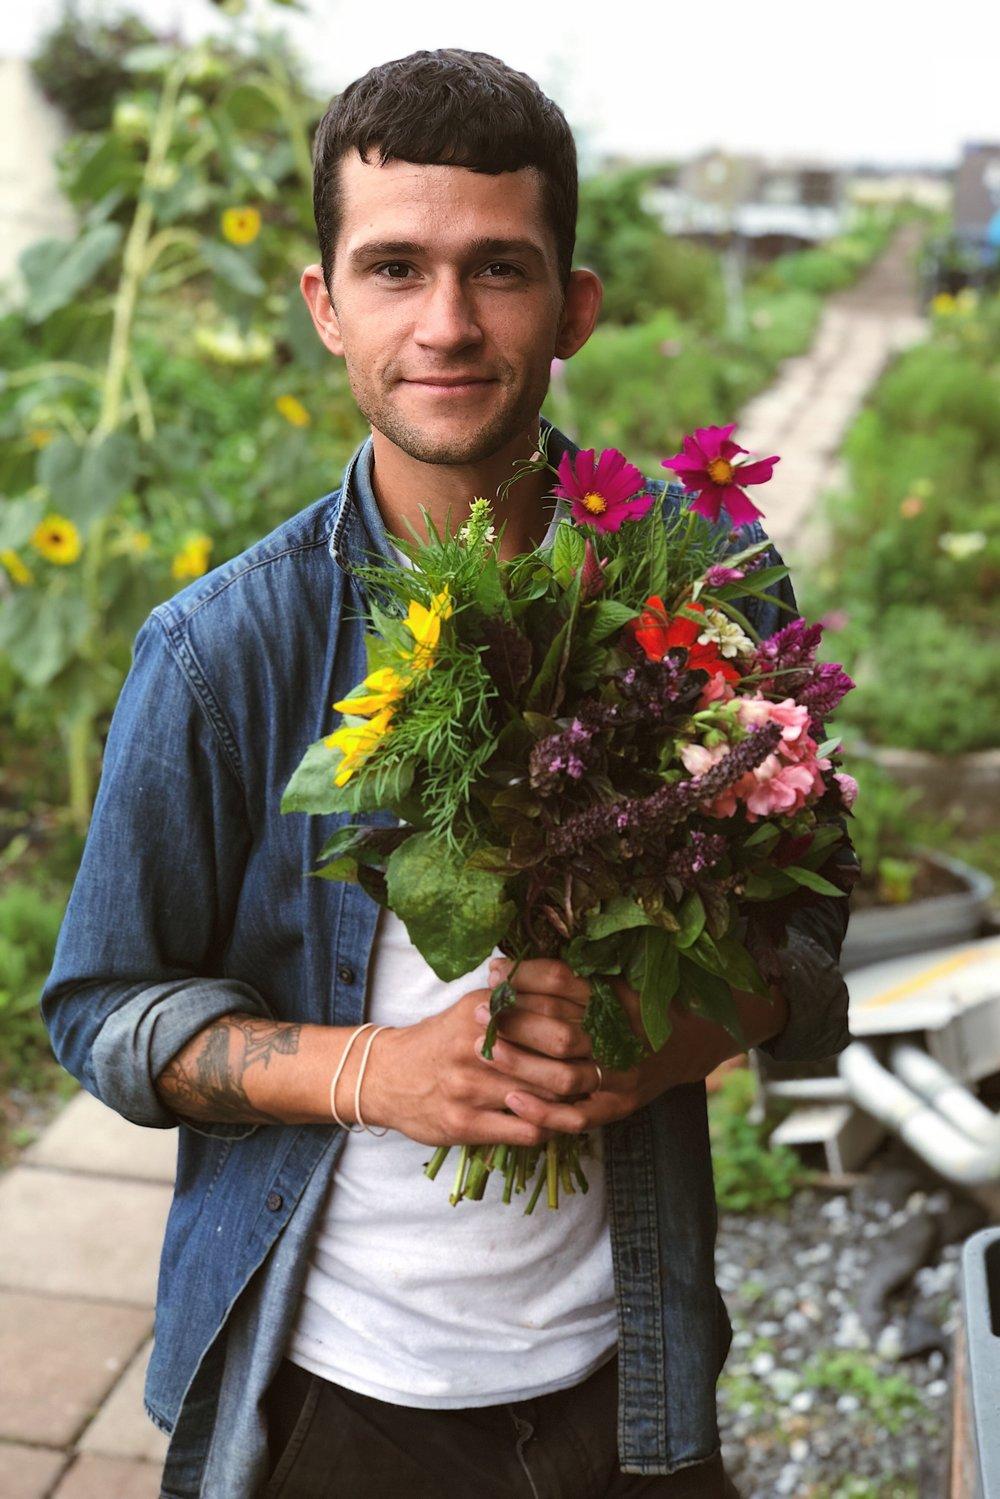 Seth Johnson, Farm Manager, Brooklyn Grange